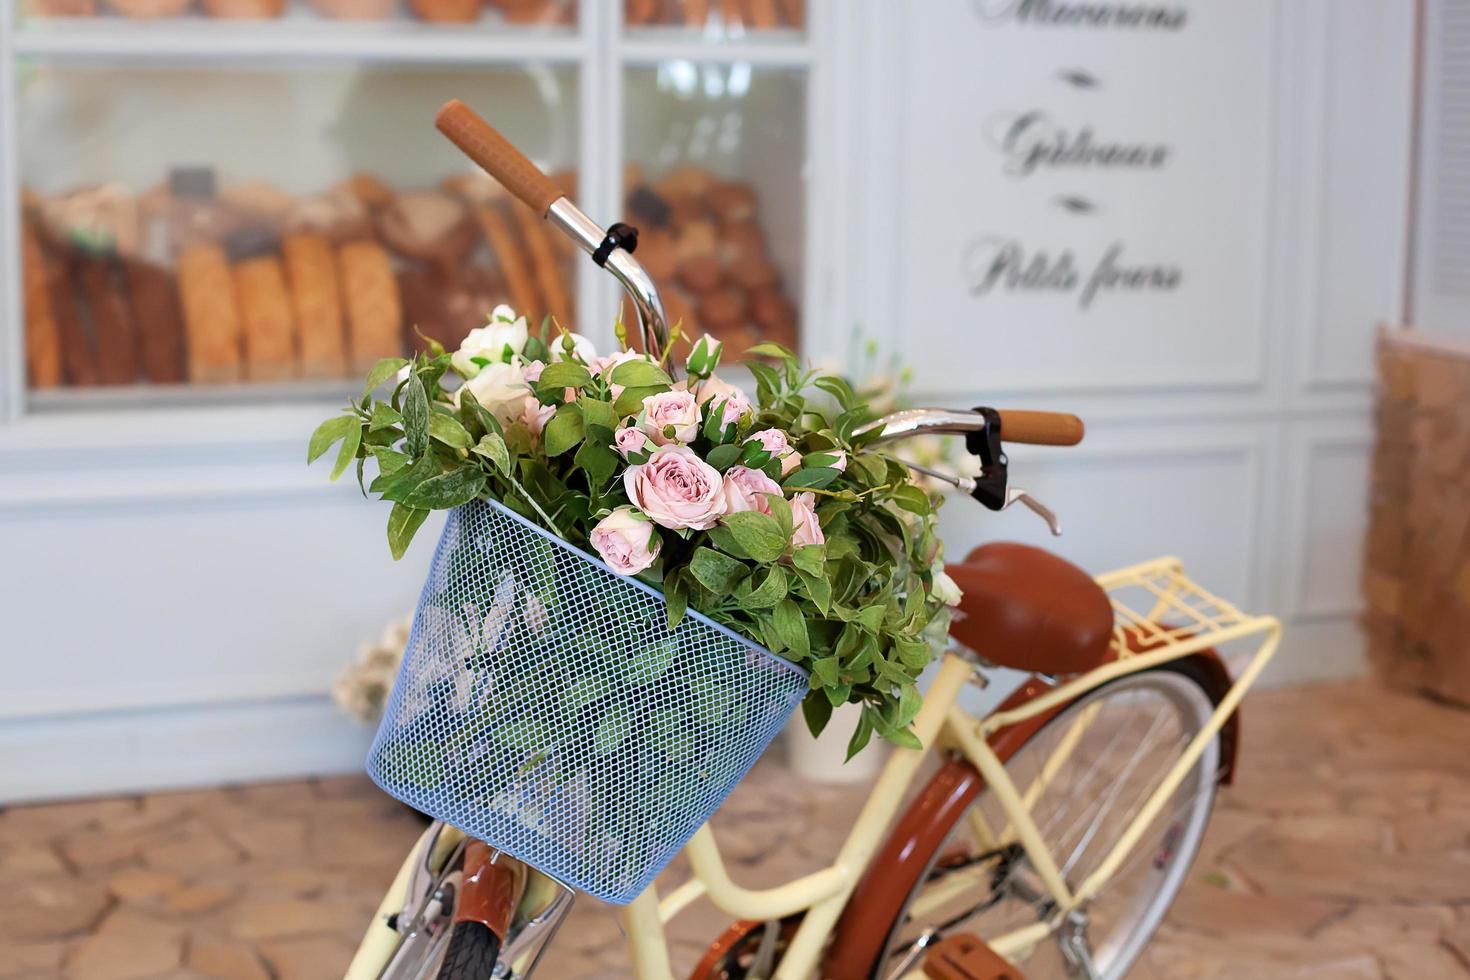 vélo avec un panier en osier vintage avec des roses photo